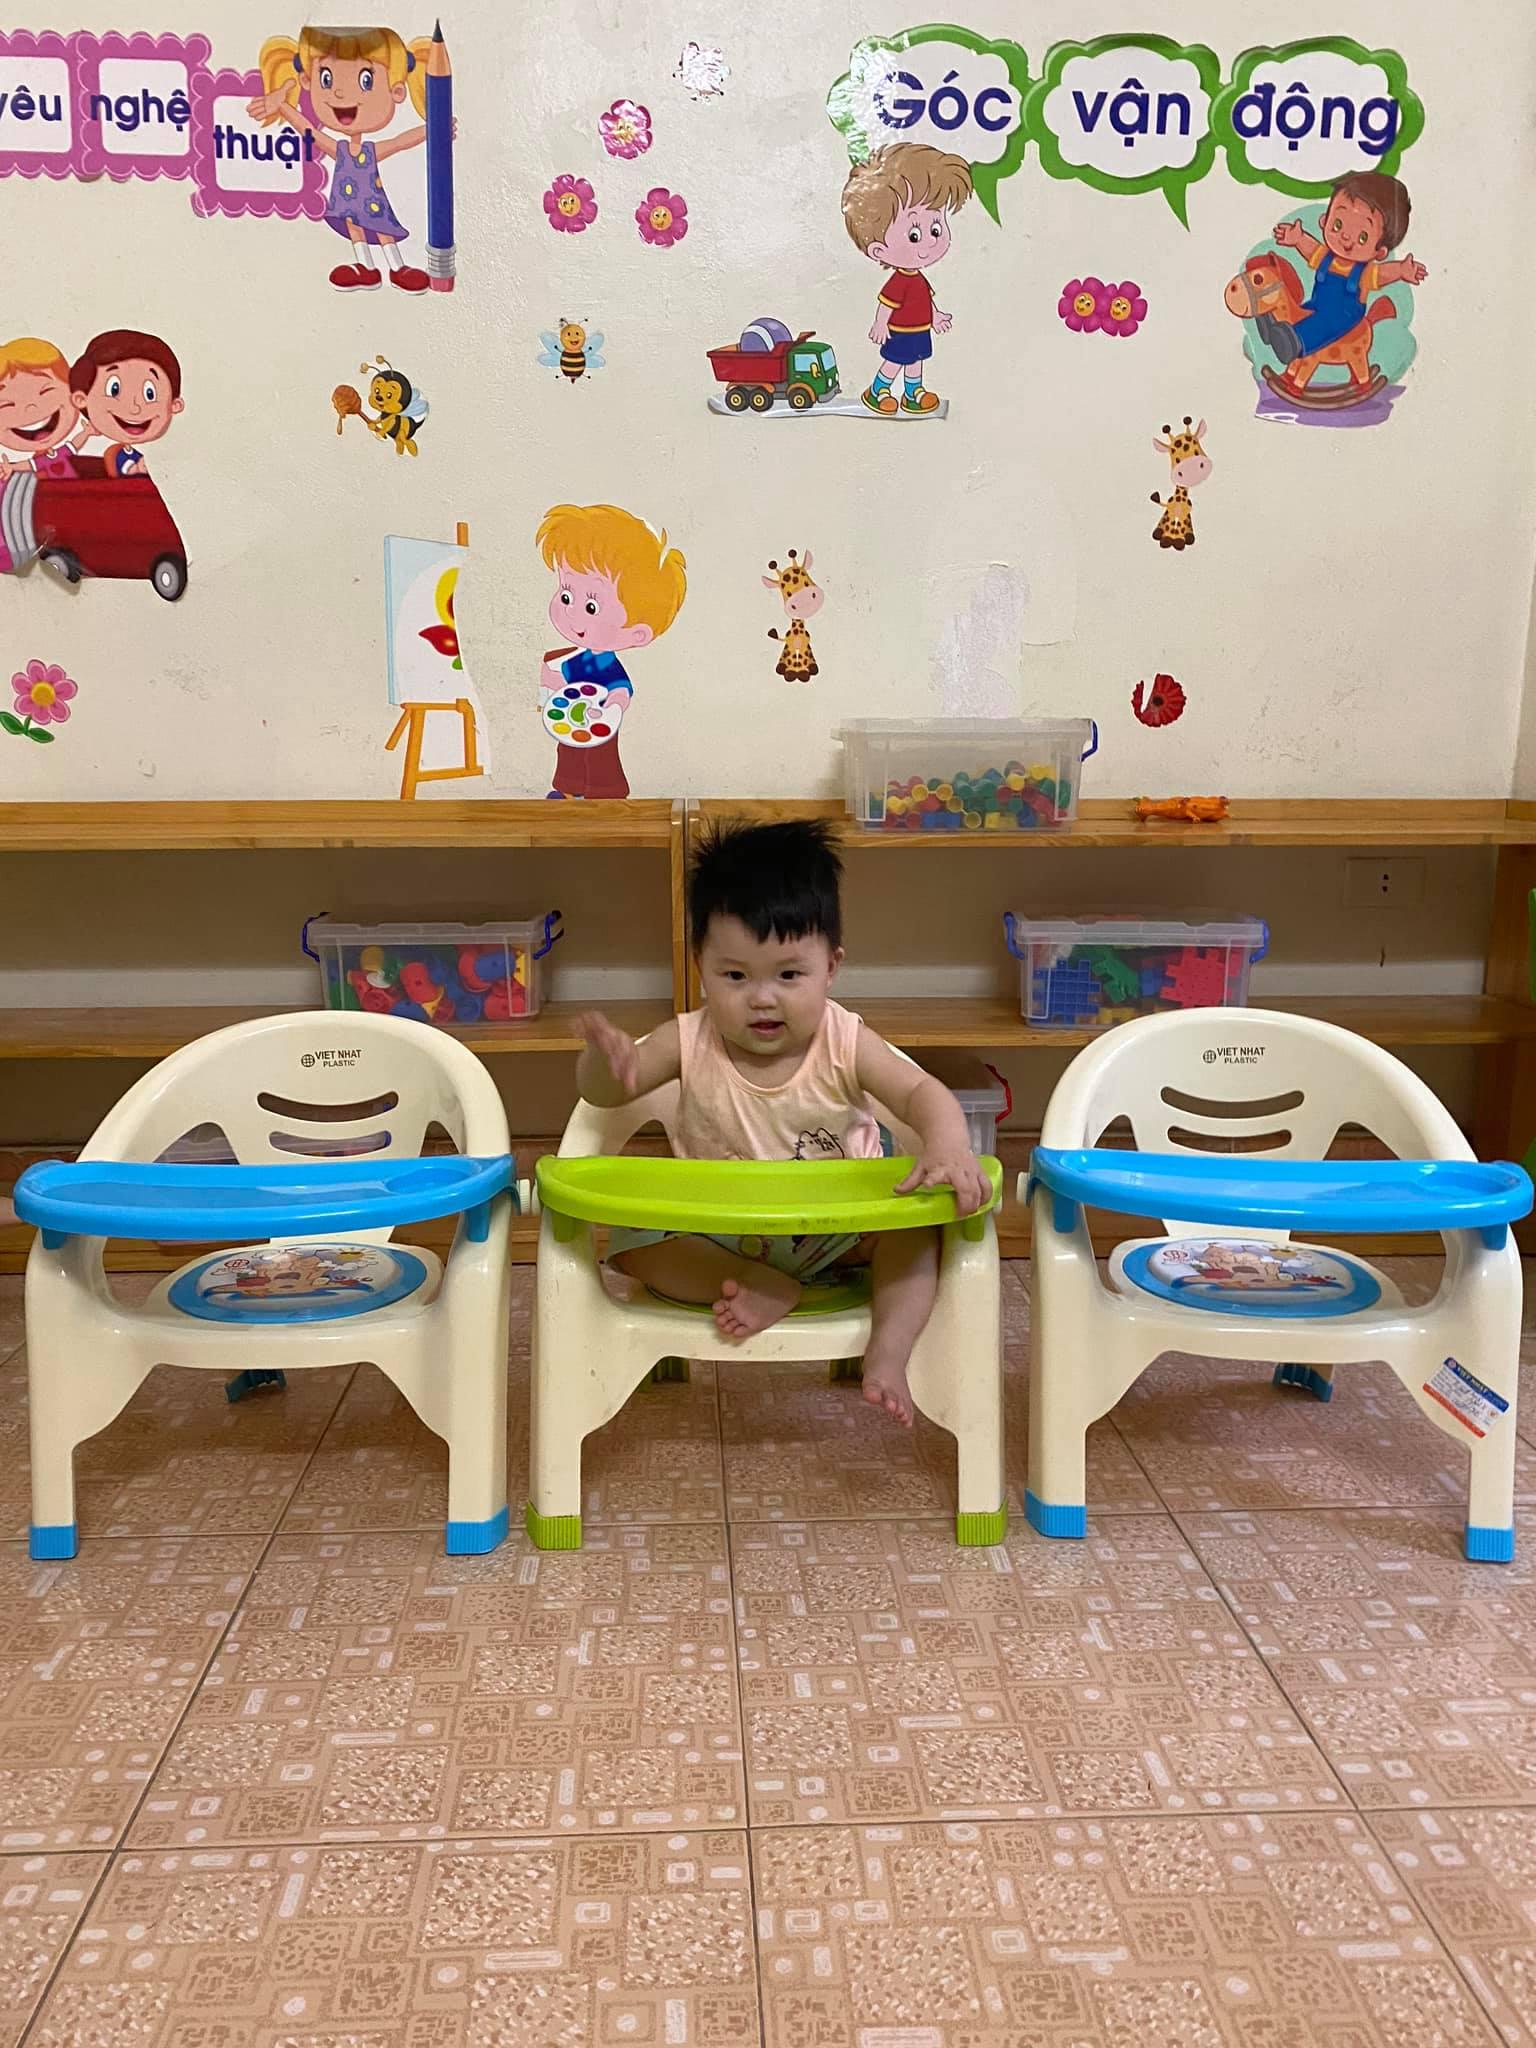 Trống 2 ghế cho các bé từ 8 tháng đến 12 tháng trong tháng 8 tới